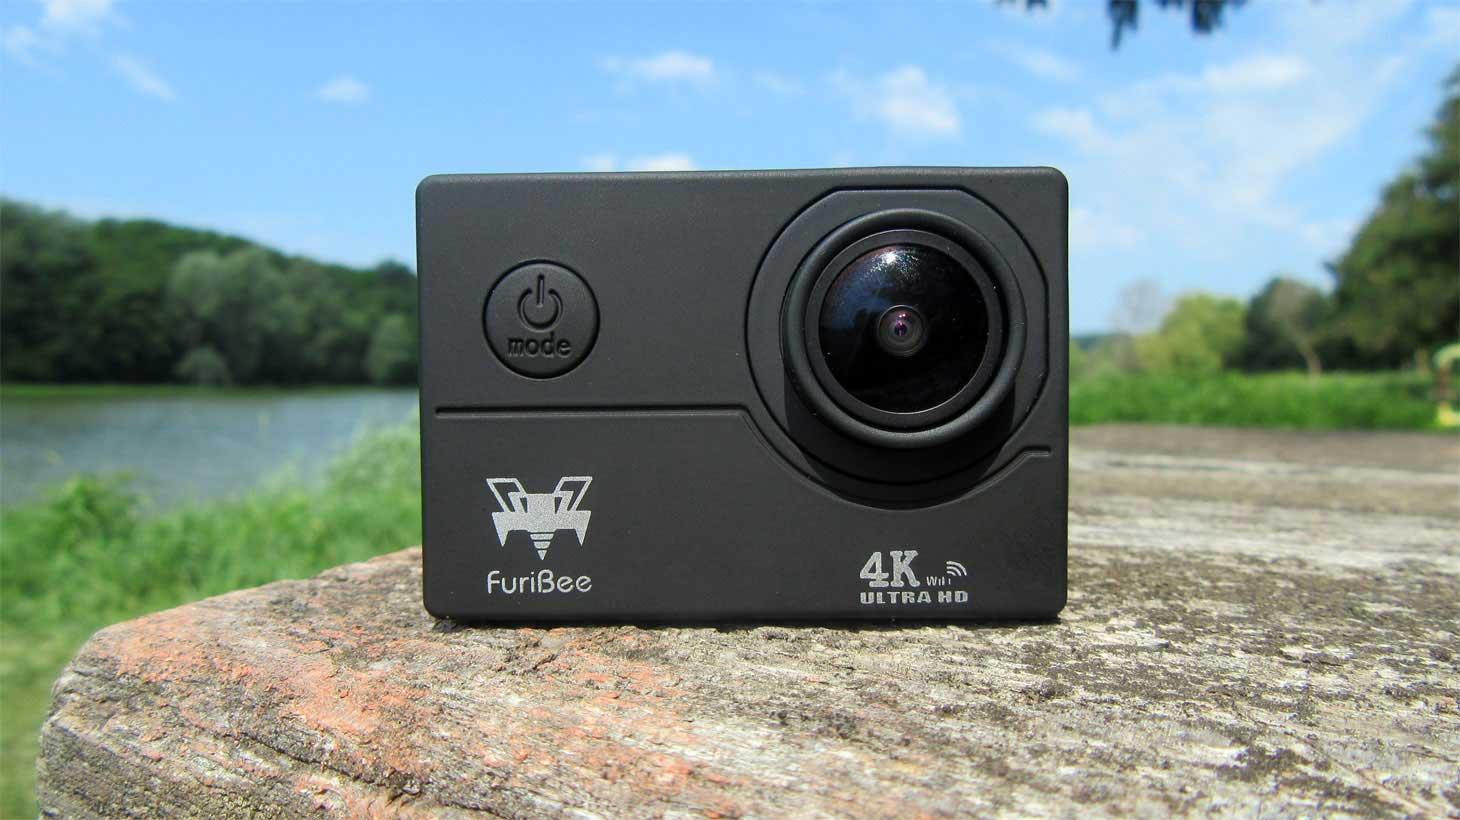 FuriBee F60 4K akciókamera teszt